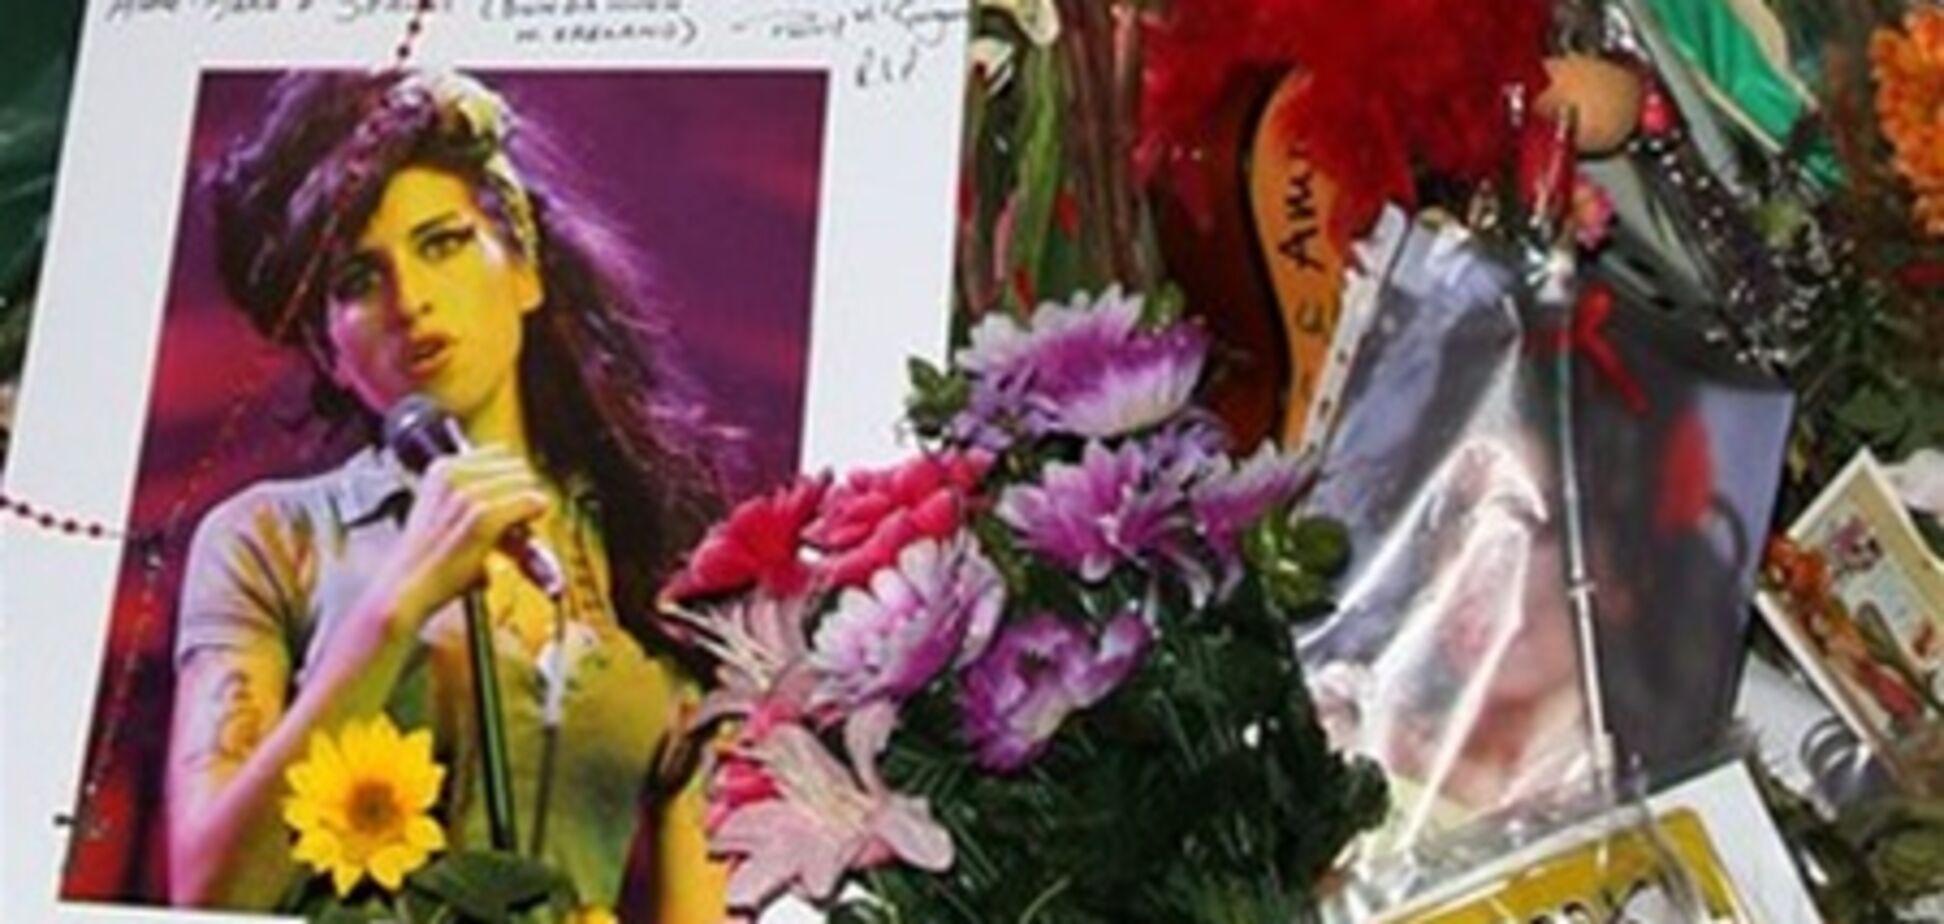 Отец Эми Уайнхаус: 'Дочь заглушала боль после измены мужа наркотиками'